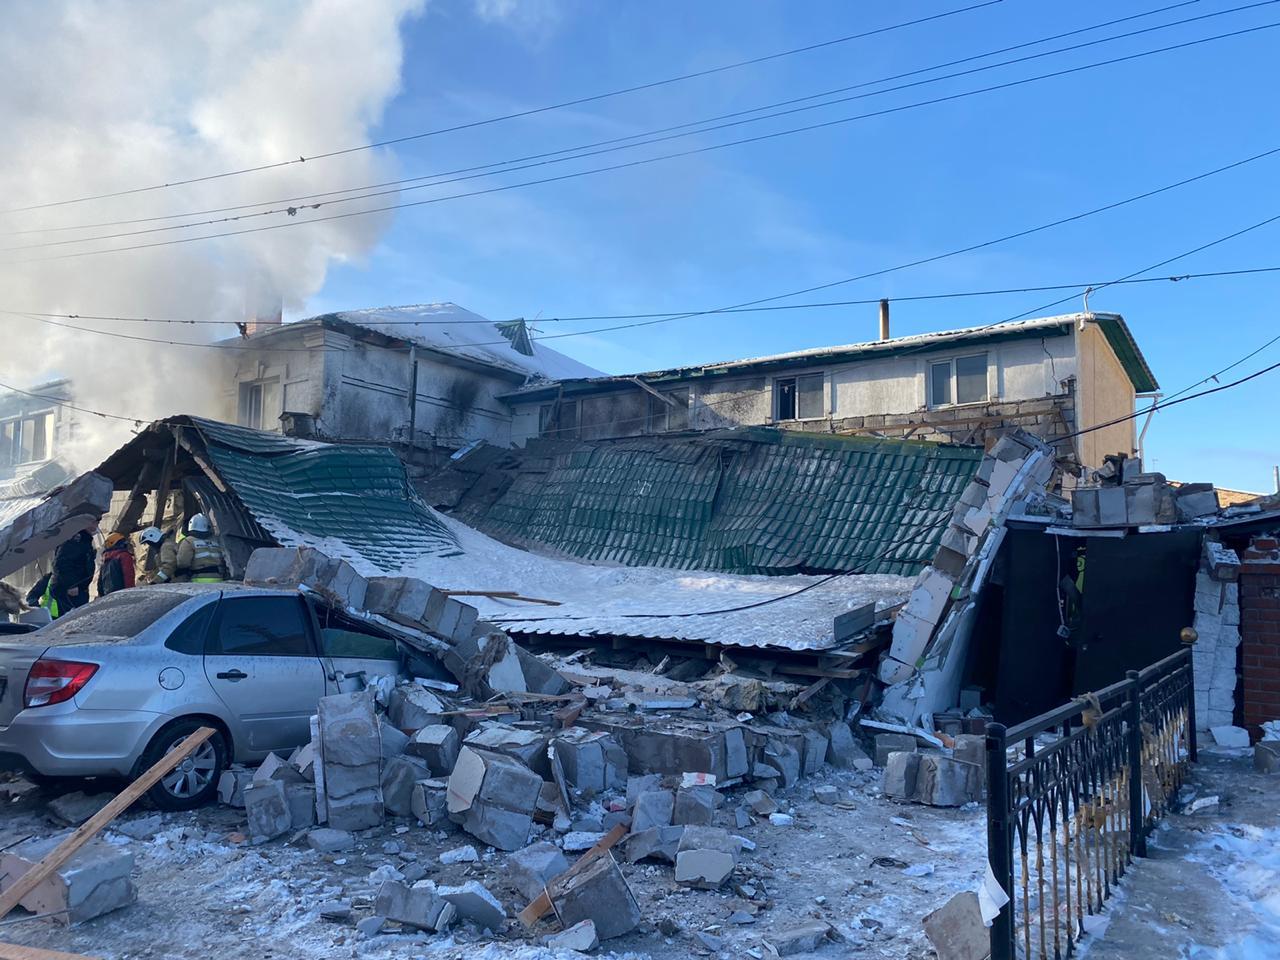 Аким столицы поручил проверить объекты общепита на соблюдение правил пожарной безопасности